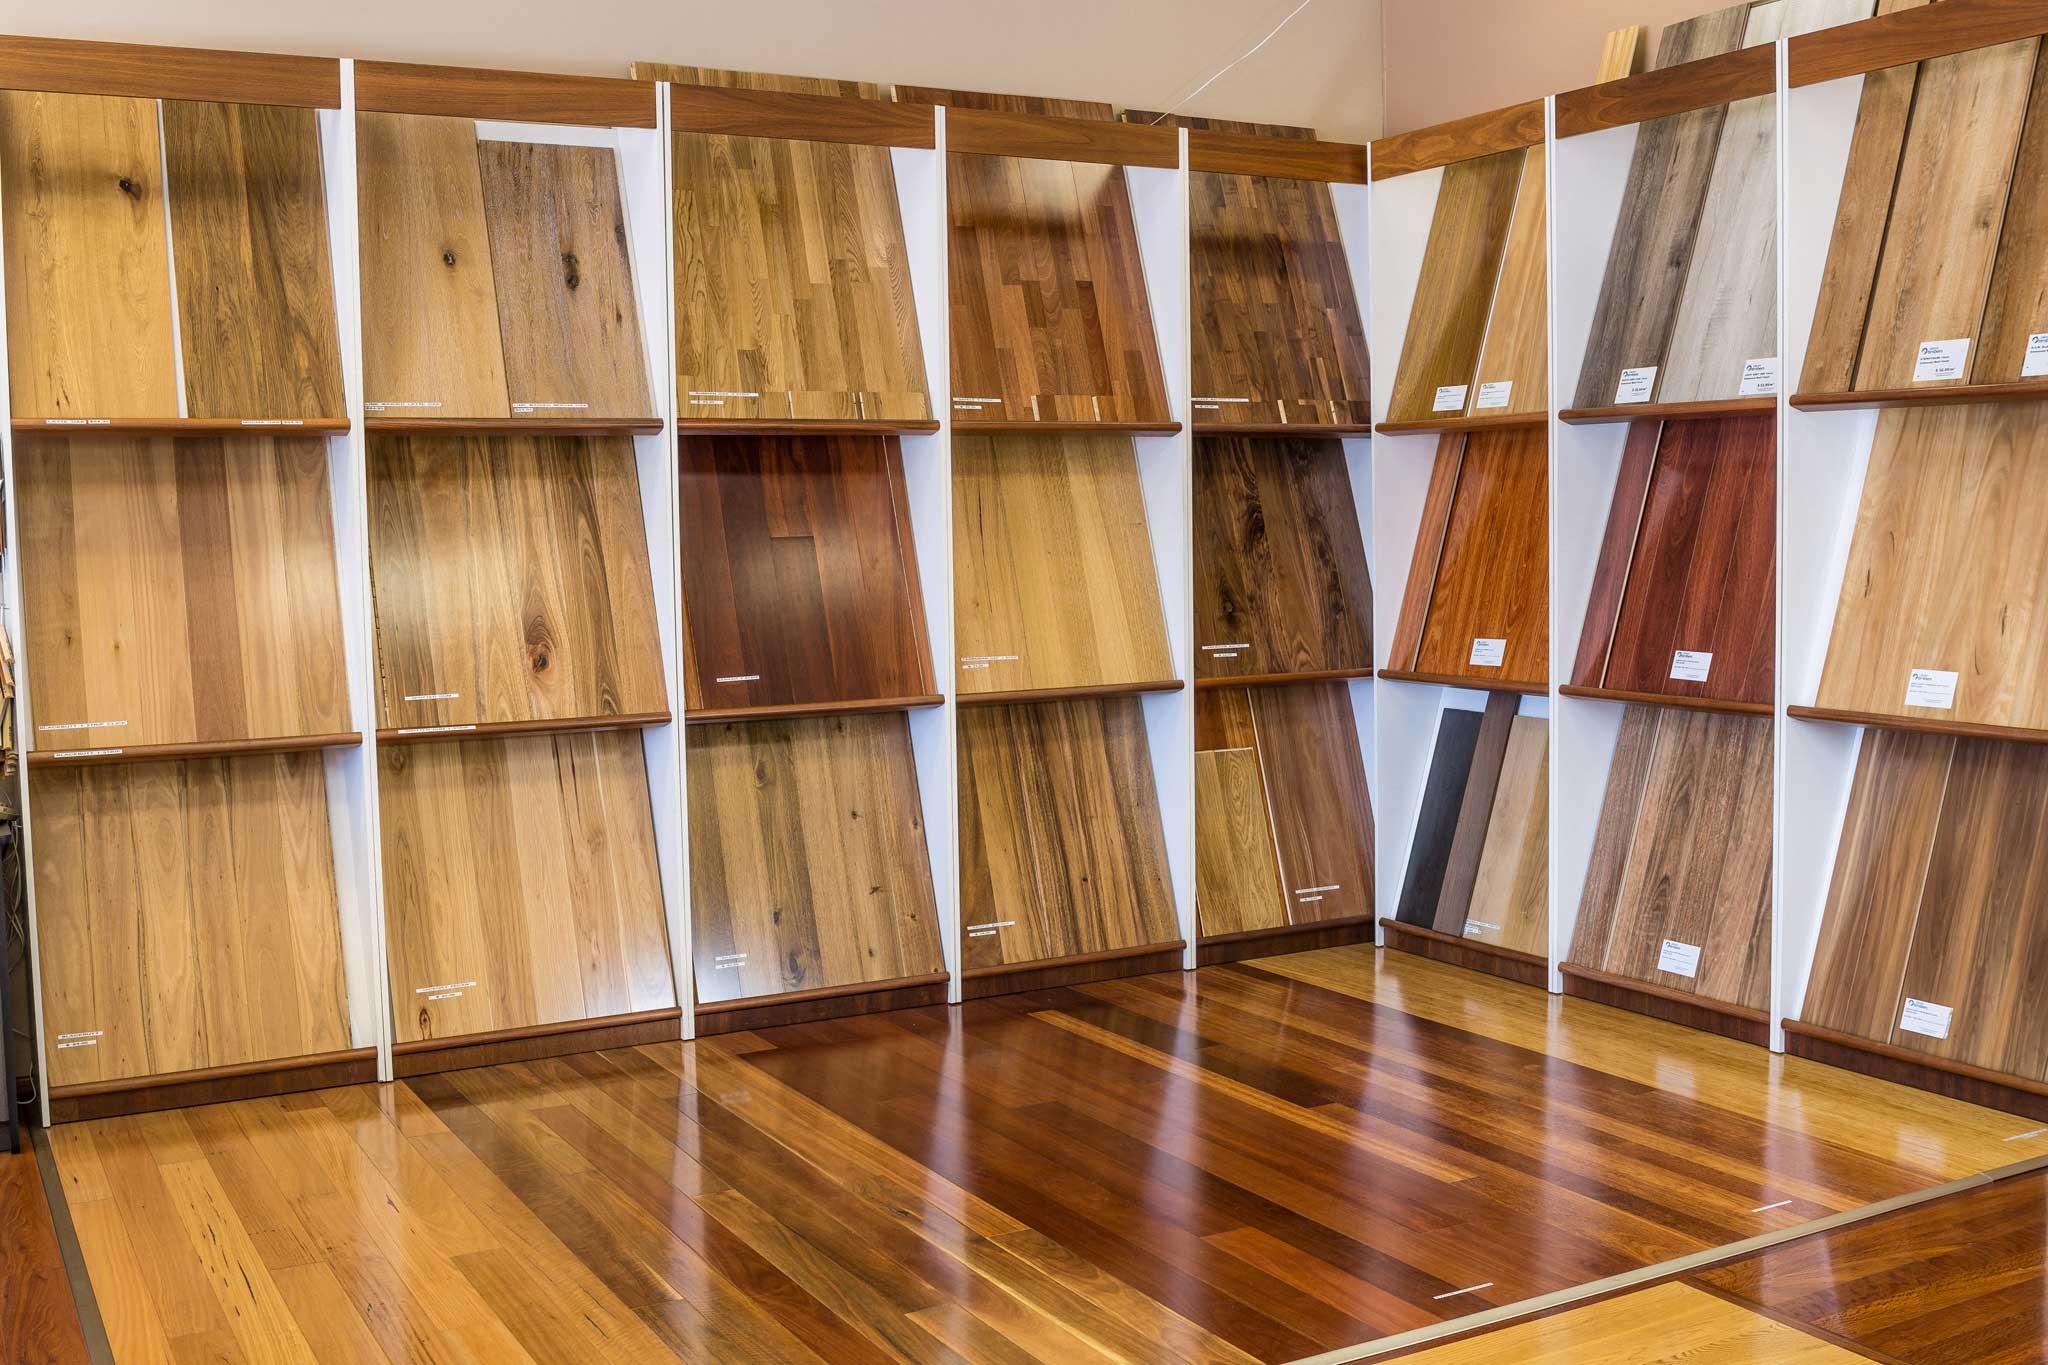 ظریف چوب خرید و فروش انواع چوب و الوار چوب روسی قیمت